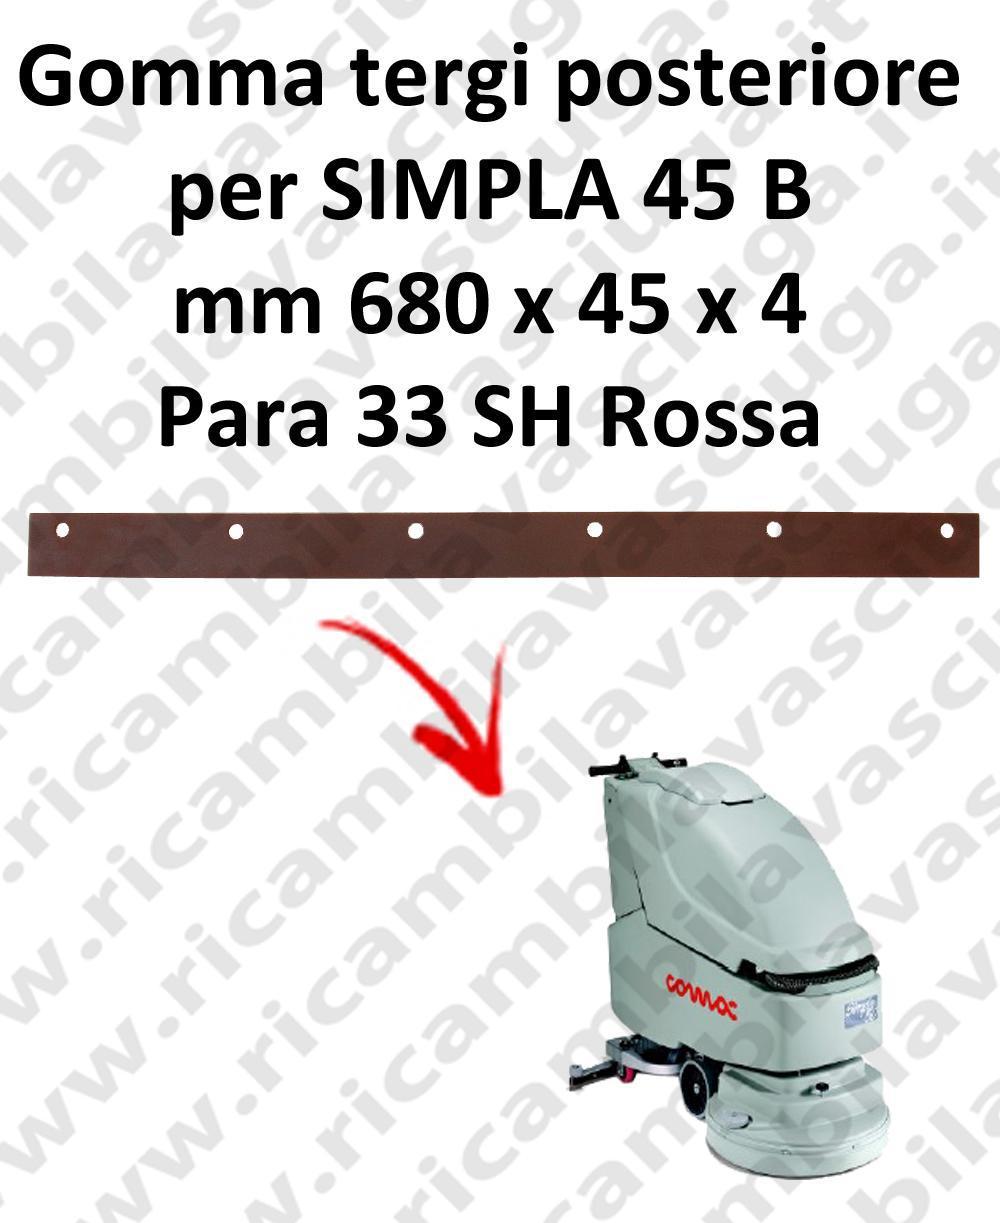 SIMPLA 45 B BAVETTE ARRIERE pour COMAC rechange autolaveuses suceur